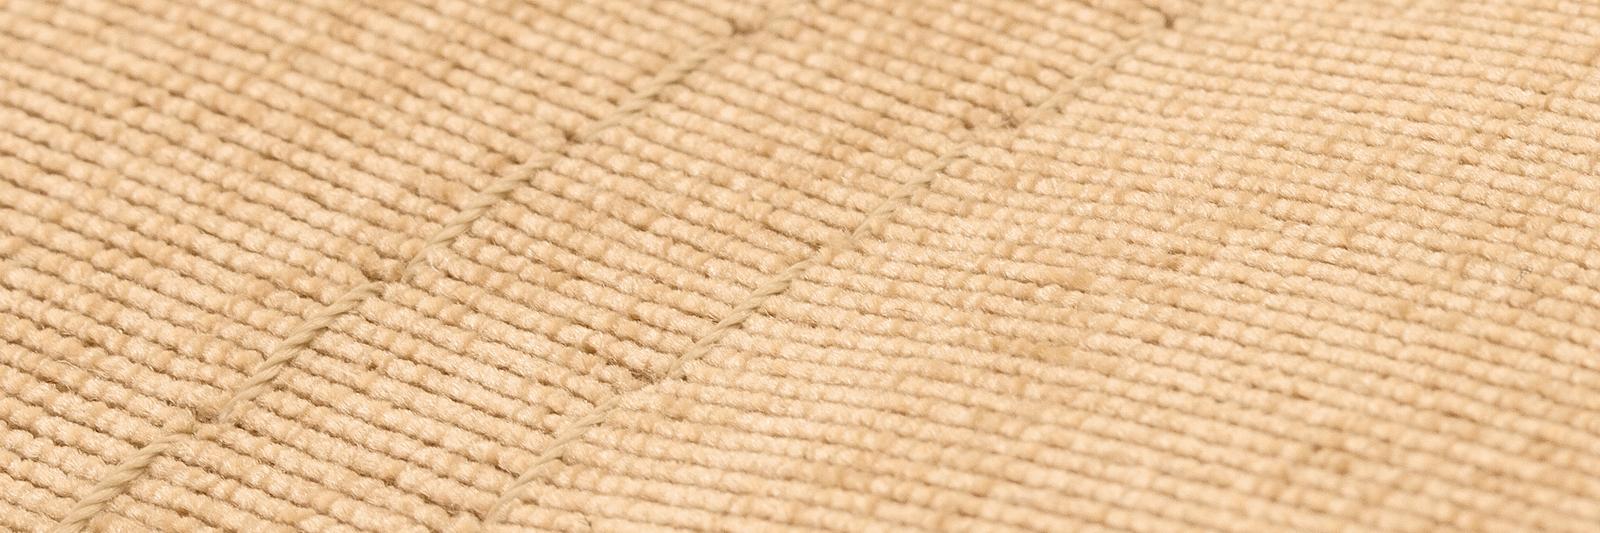 Диван тканевый угловой Брюссель Velvet песочный (Вельвет + Экокожа, правый) от HomeMe.ru